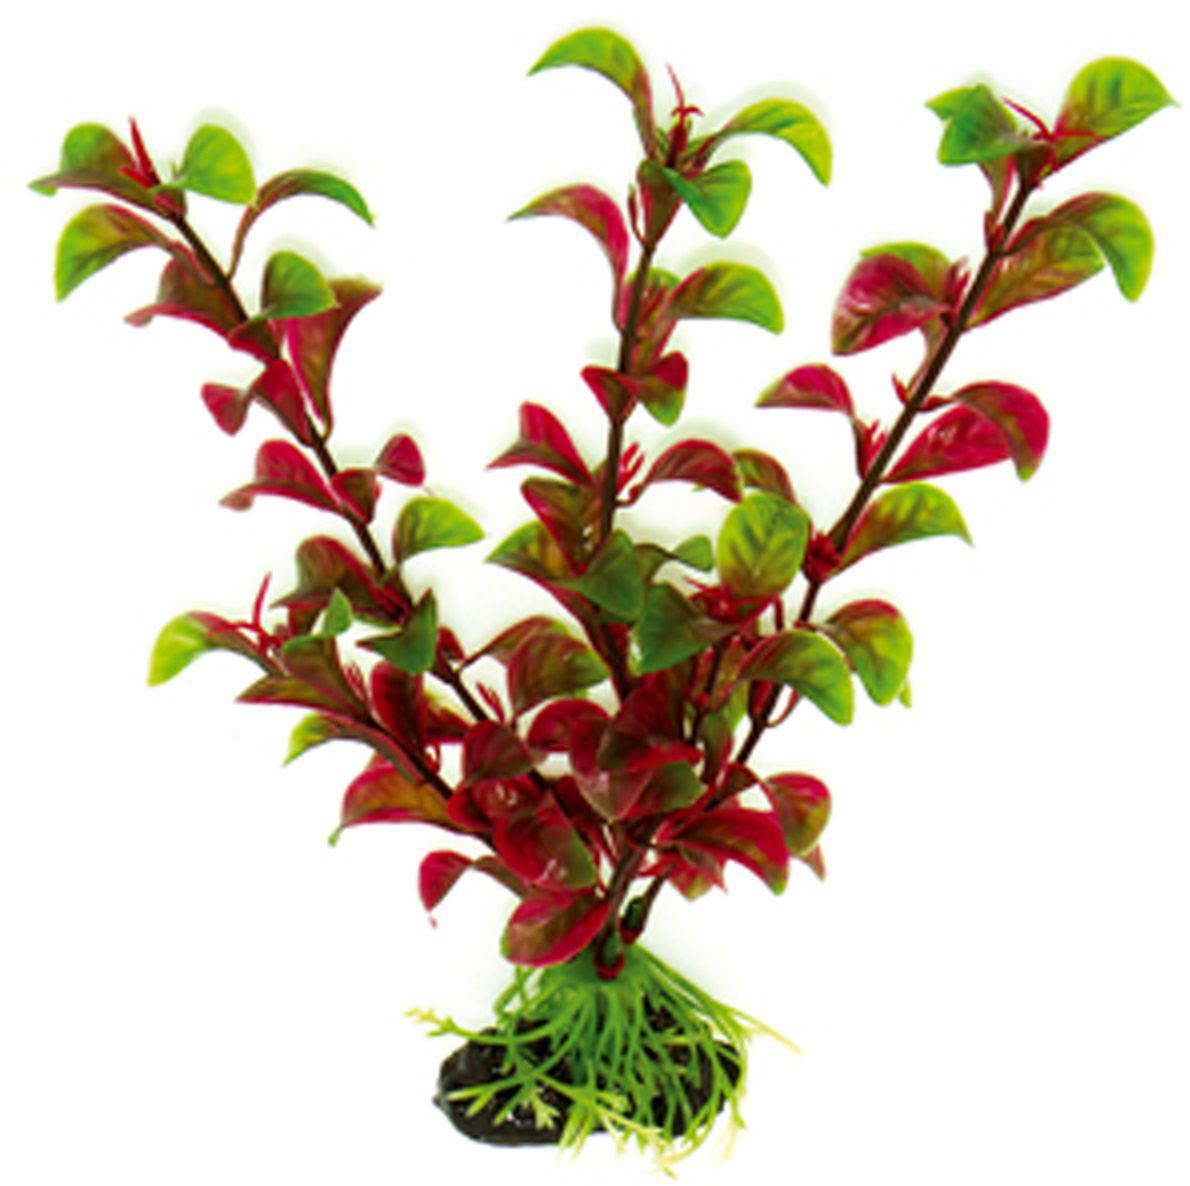 Искусственное растение для аквариума Dezzie, 20 см. 56020385602038Подводное искусственное растение для аквариума Dezzie является неотъемлемой частью композиции аквариума, радует глаз, а также может быть уютным убежищем для рыб и других обитателей аквариума. Пластиковое растение имеет устойчивое дно, которое не нуждается в дополнительном утяжелении и легко устанавливается в грунт. Растение очень практично в использовании, имеет стойкую к воздействию воды окраску и не требует обременительного ухода. Его можно легко достать и протереть тряпкой во время уборки аквариума. Растения из пластика создадут неповторимый дизайн пресноводного или морского аквариума. Высота растения: 20 см.